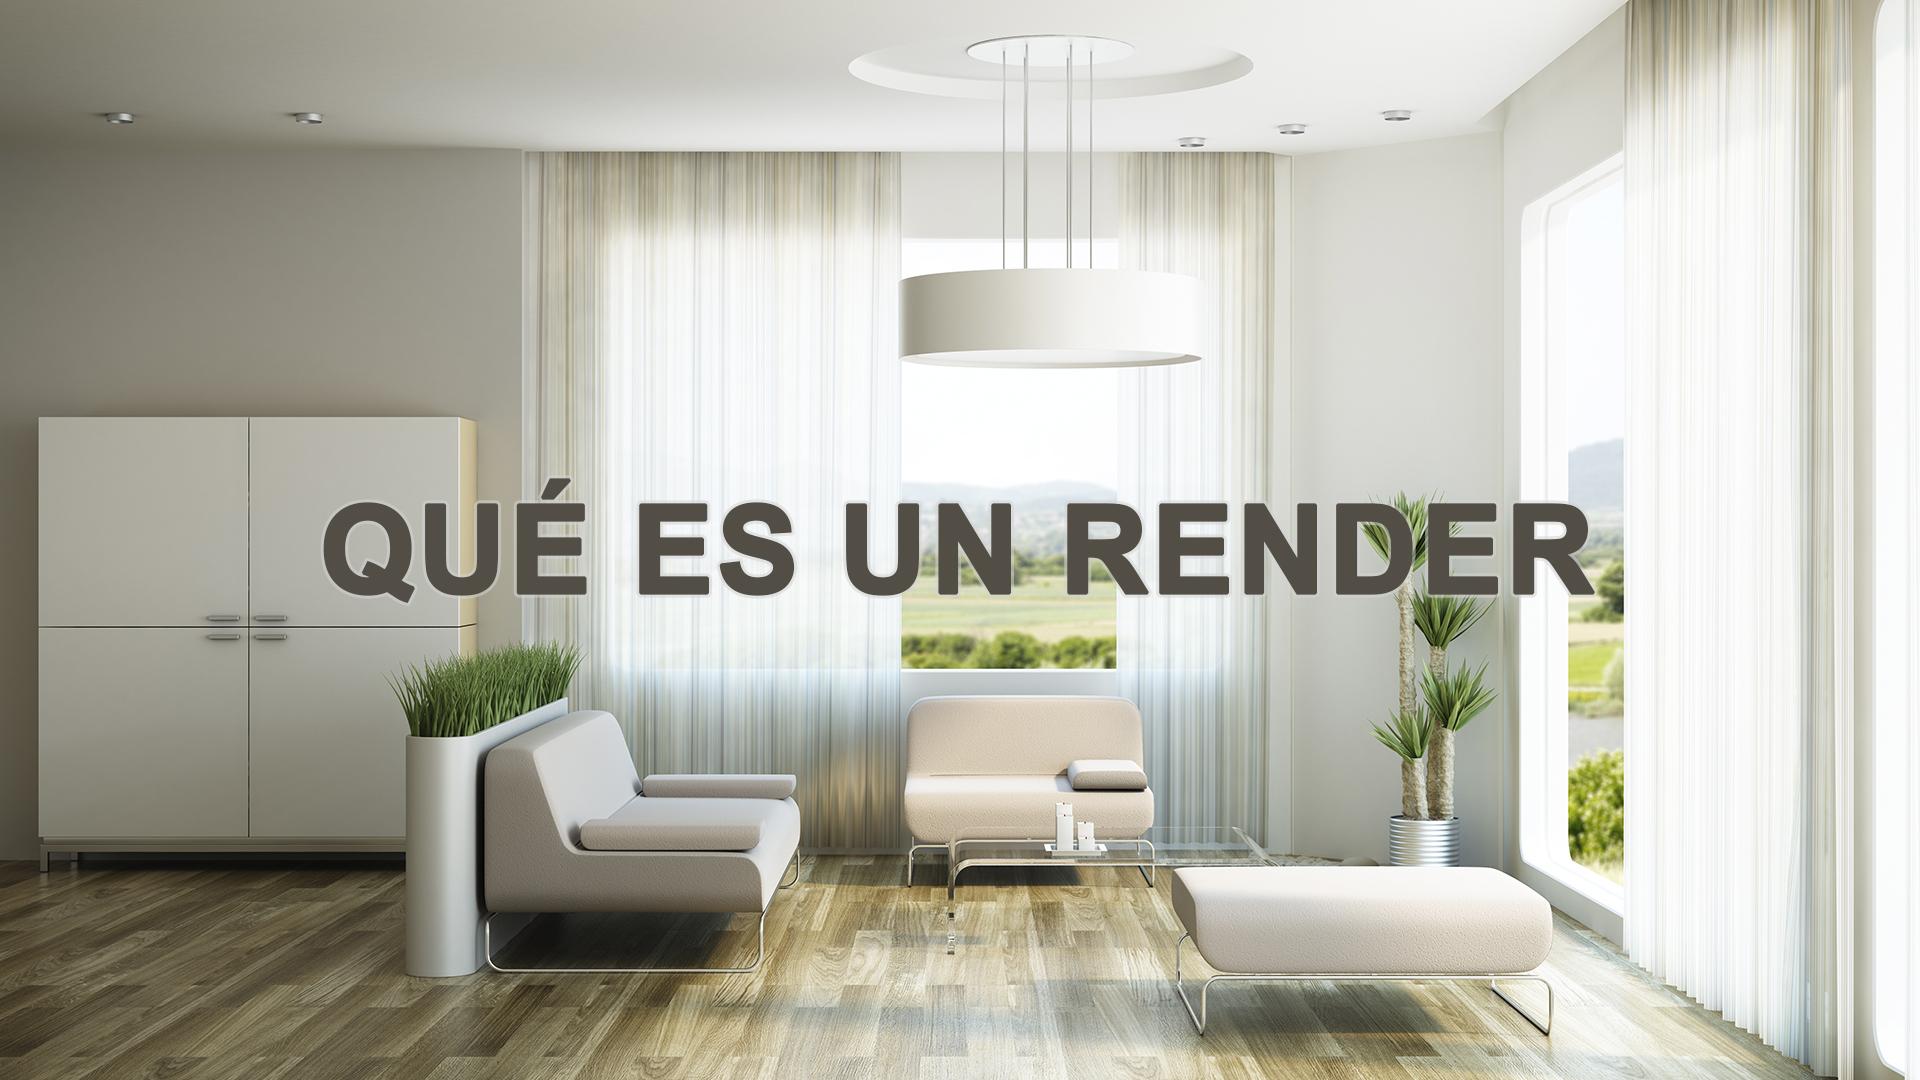 Empresa de RENDERS | Qué es un render | Significado y TIPOS